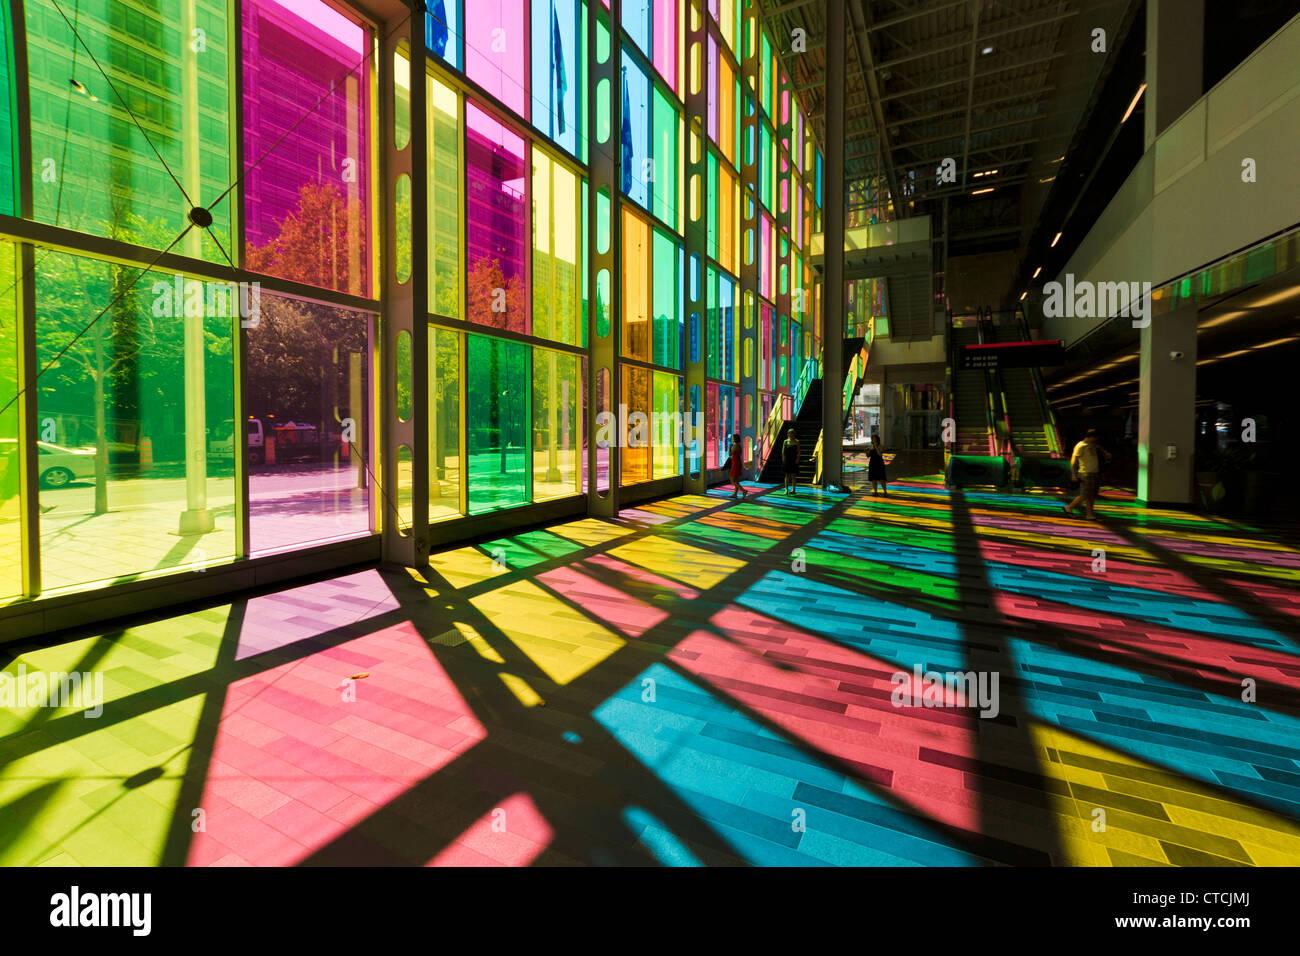 Convenzione di Montreal Centre (Palais des Congrès). Montreal, Quebec, Canada. Immagini Stock